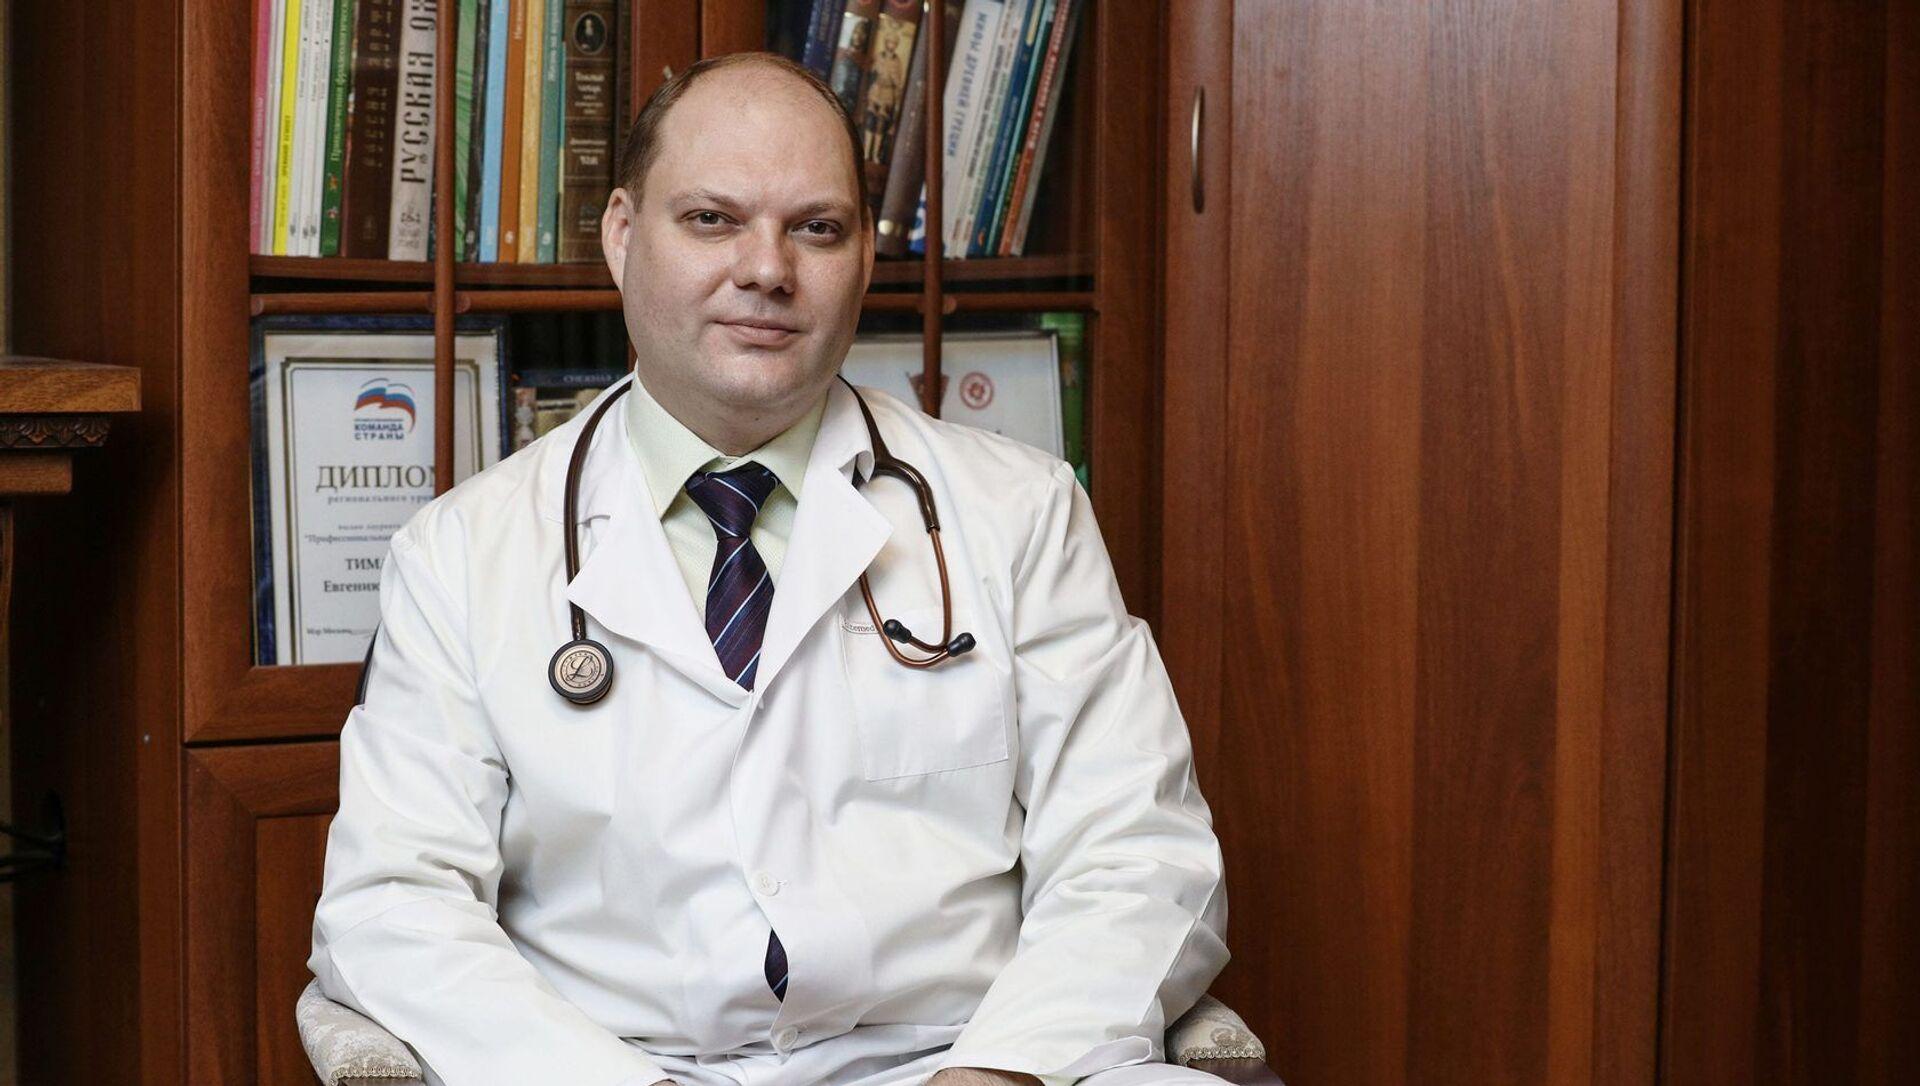 Врач-педиатр, инфекционист и вакцинолог Евгений Тимаков - Sputnik Беларусь, 1920, 24.06.2021